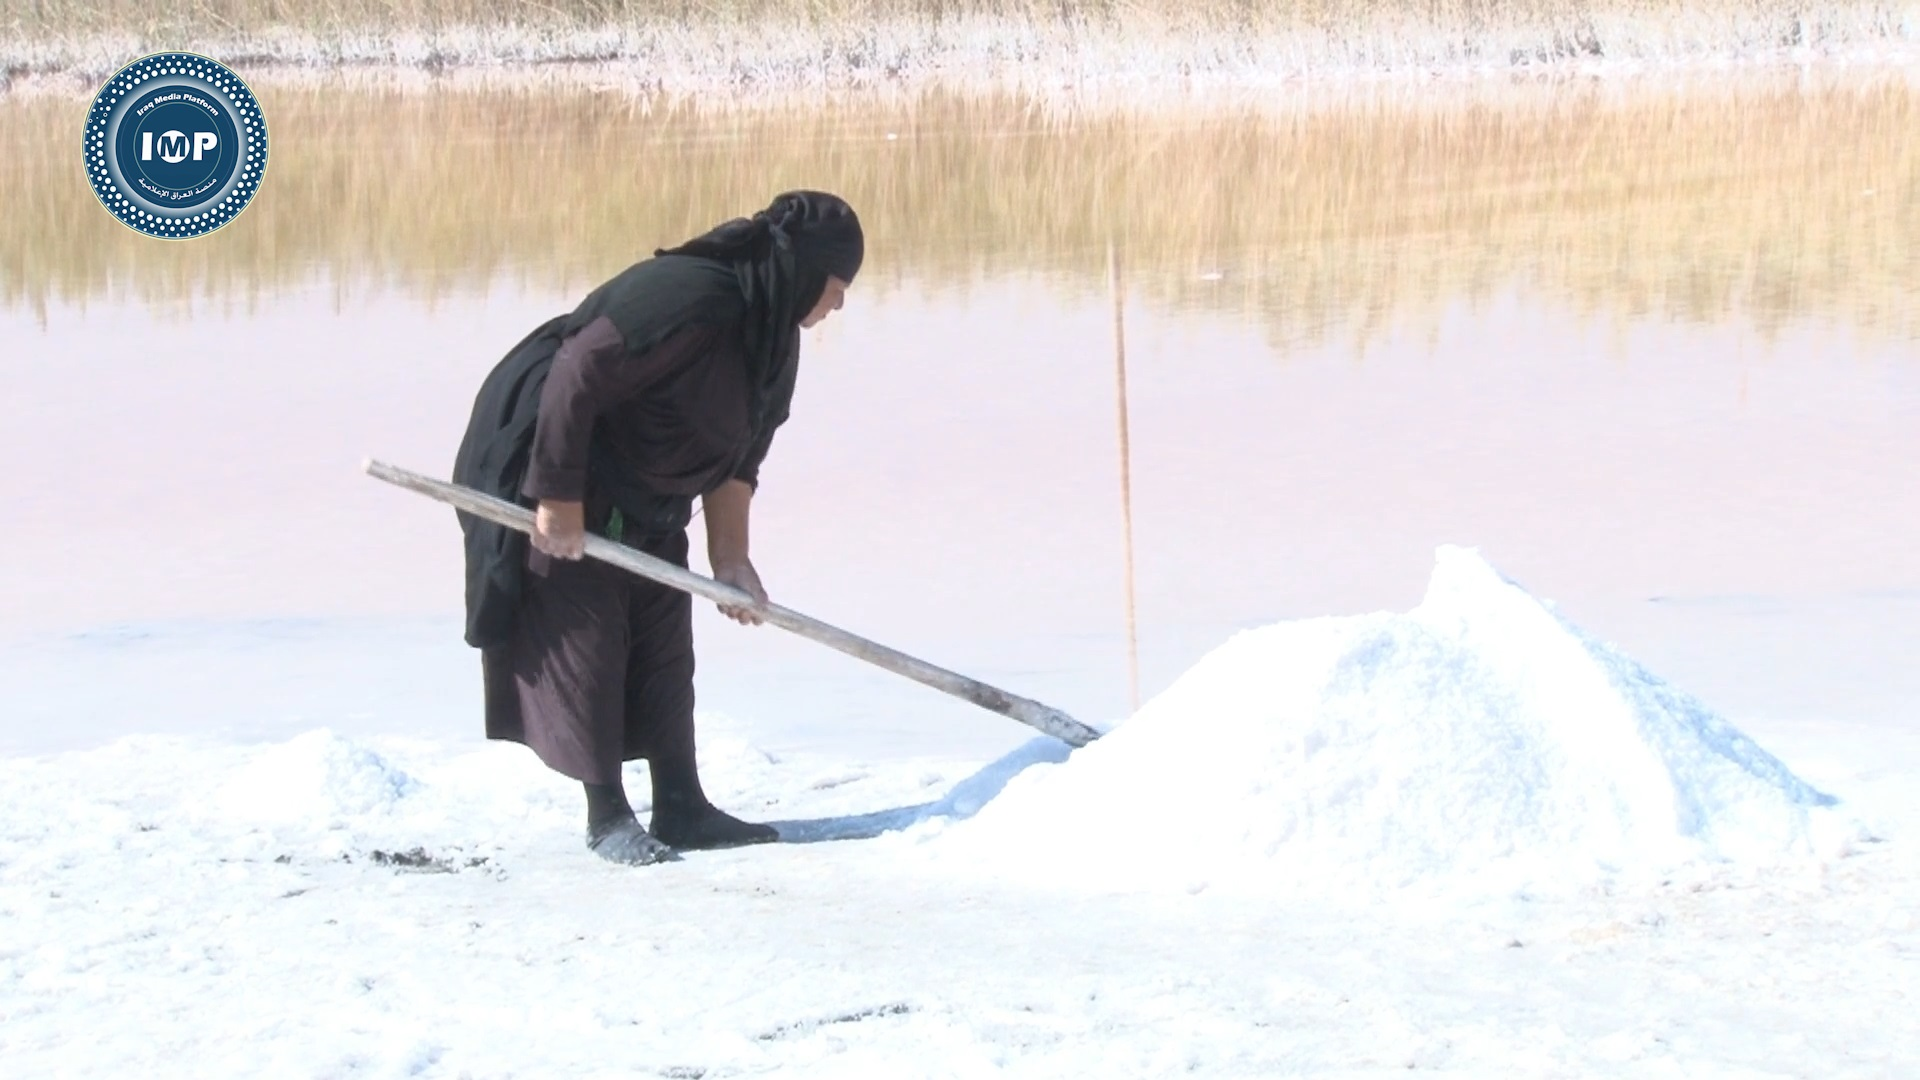 صورة سيدة الملح، تعيل ثلاث عائلات من عملها وتضحك بعفوية حينما يسرقون ملحها